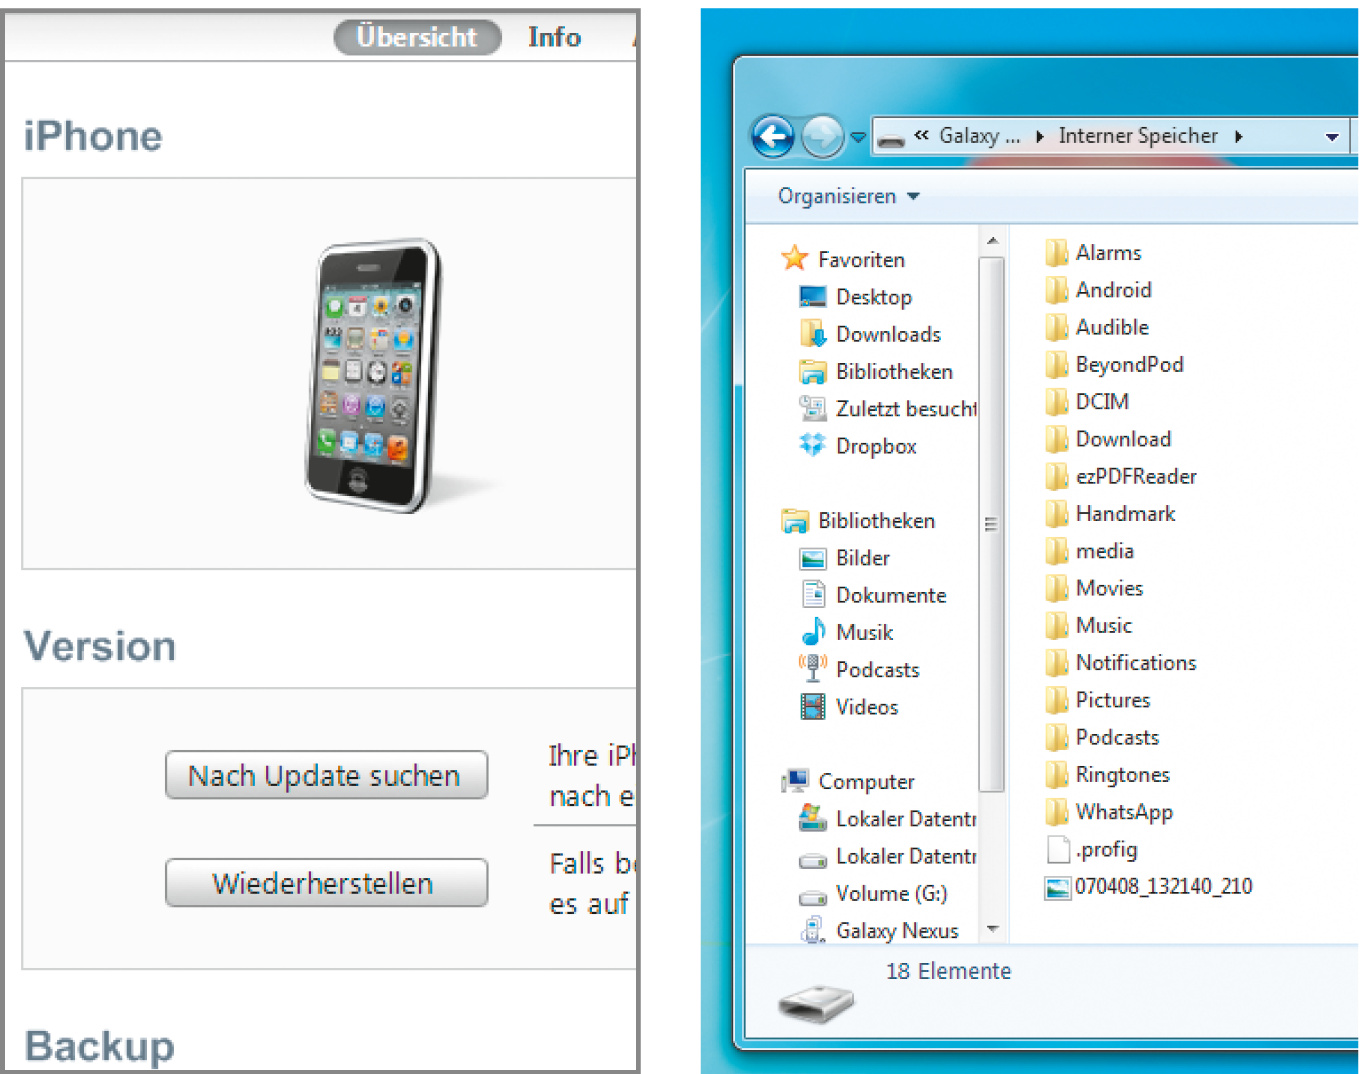 Schön Seiten Fortführen Ipad Bilder - Beispiel Business Lebenslauf ...